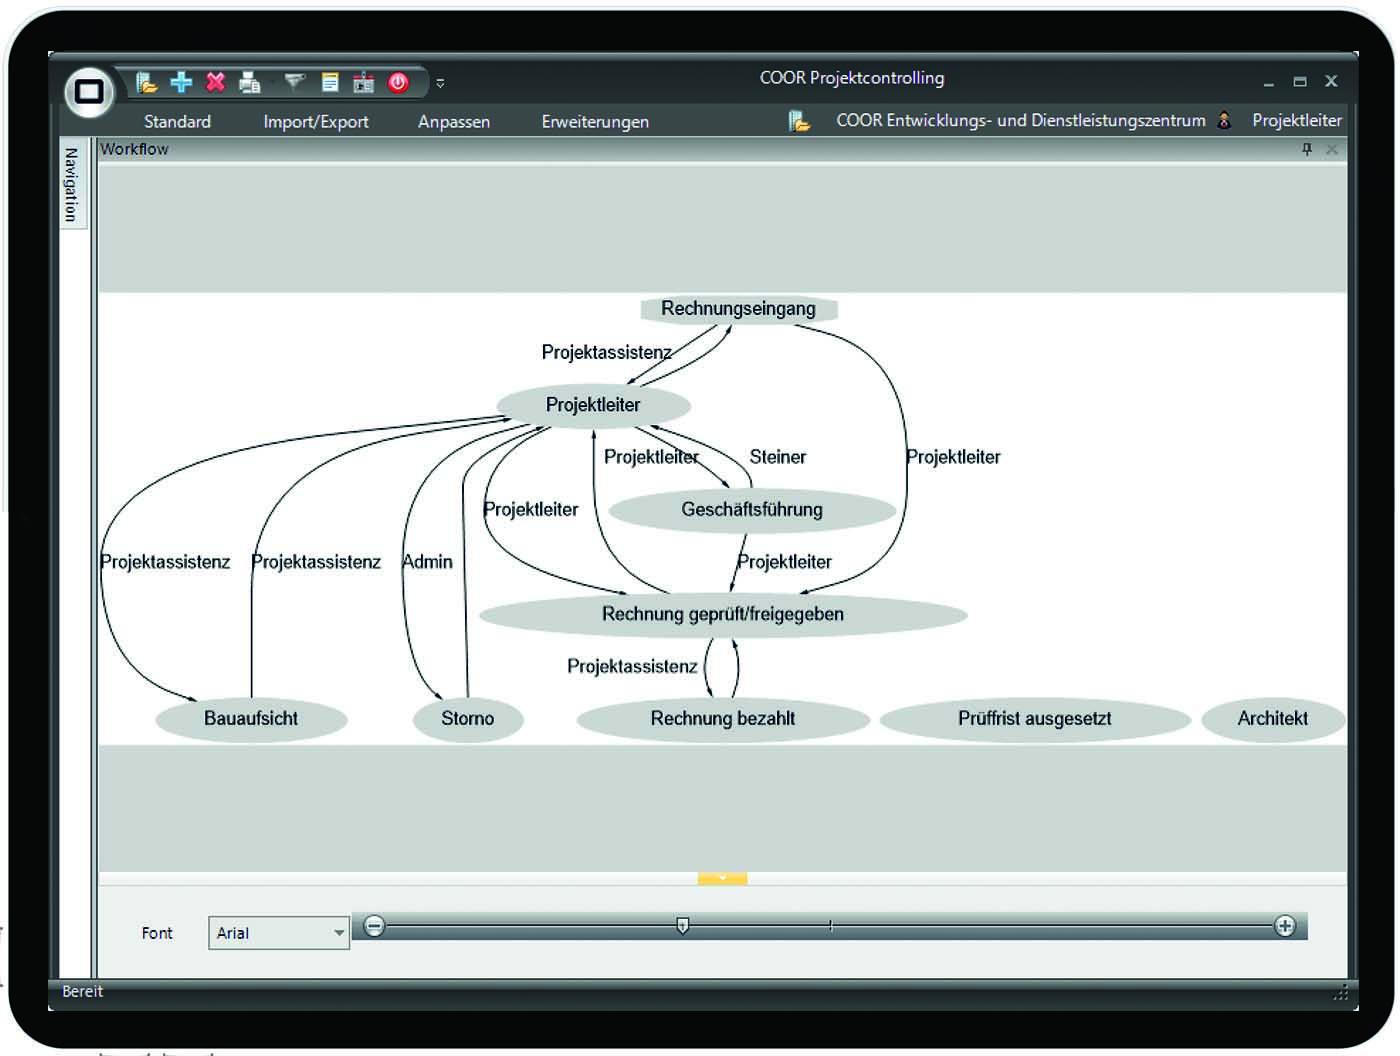 COOR-Workflow